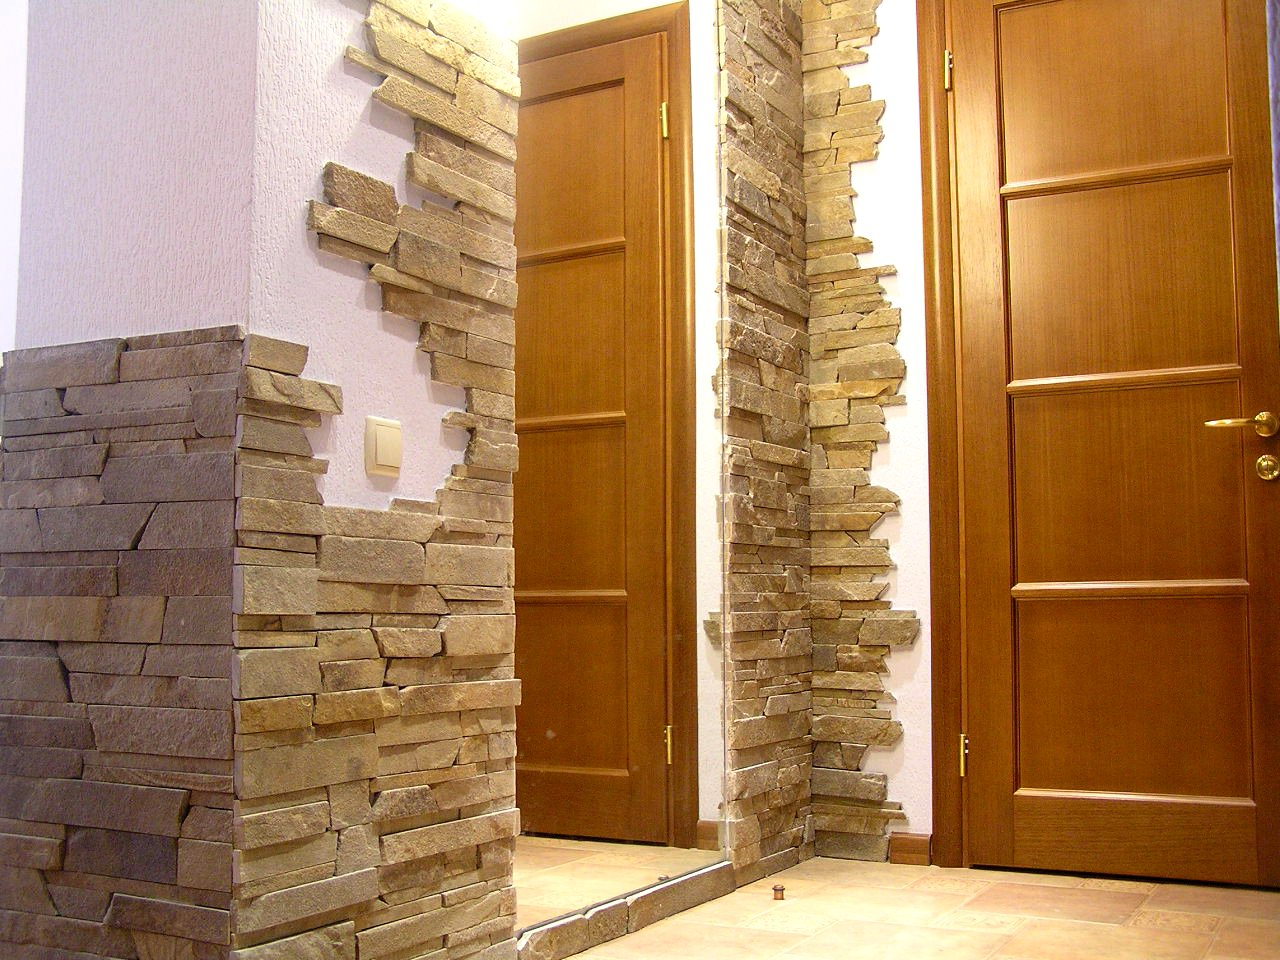 Декоративный отделочный камень для квартиры своими руками